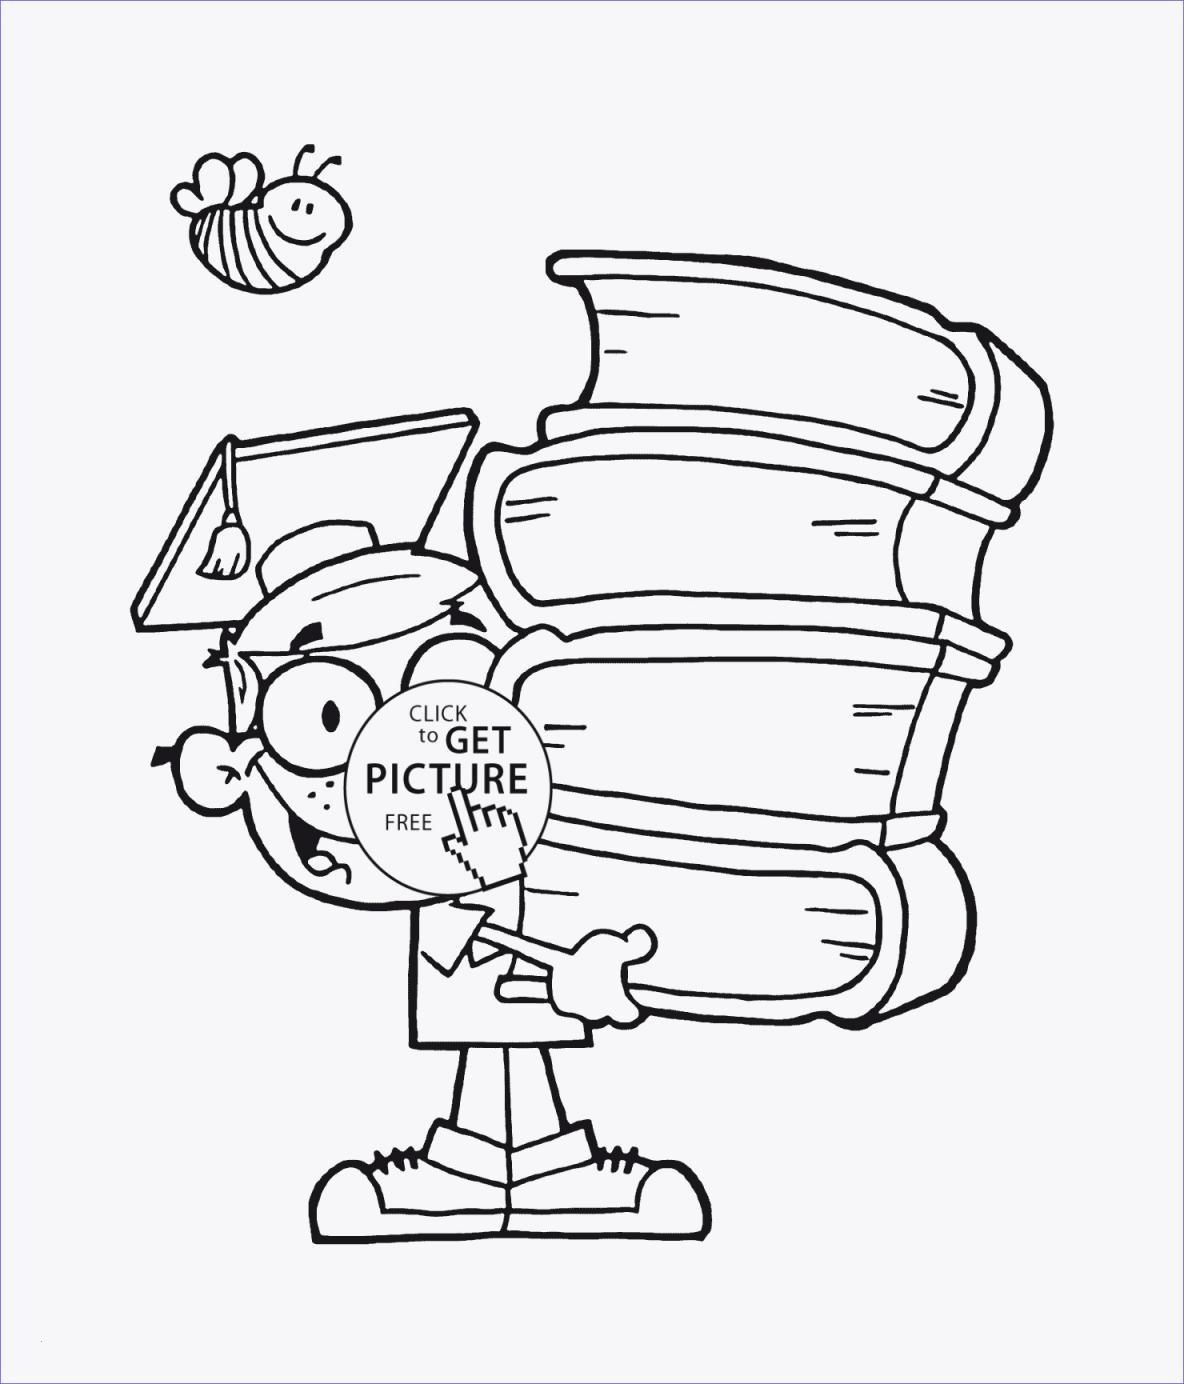 Traktor Zeichnungen Zum Ausmalen Genial Malvorlagen Igel Frisch Igel Grundschule 0d Archives Uploadertalk Bild